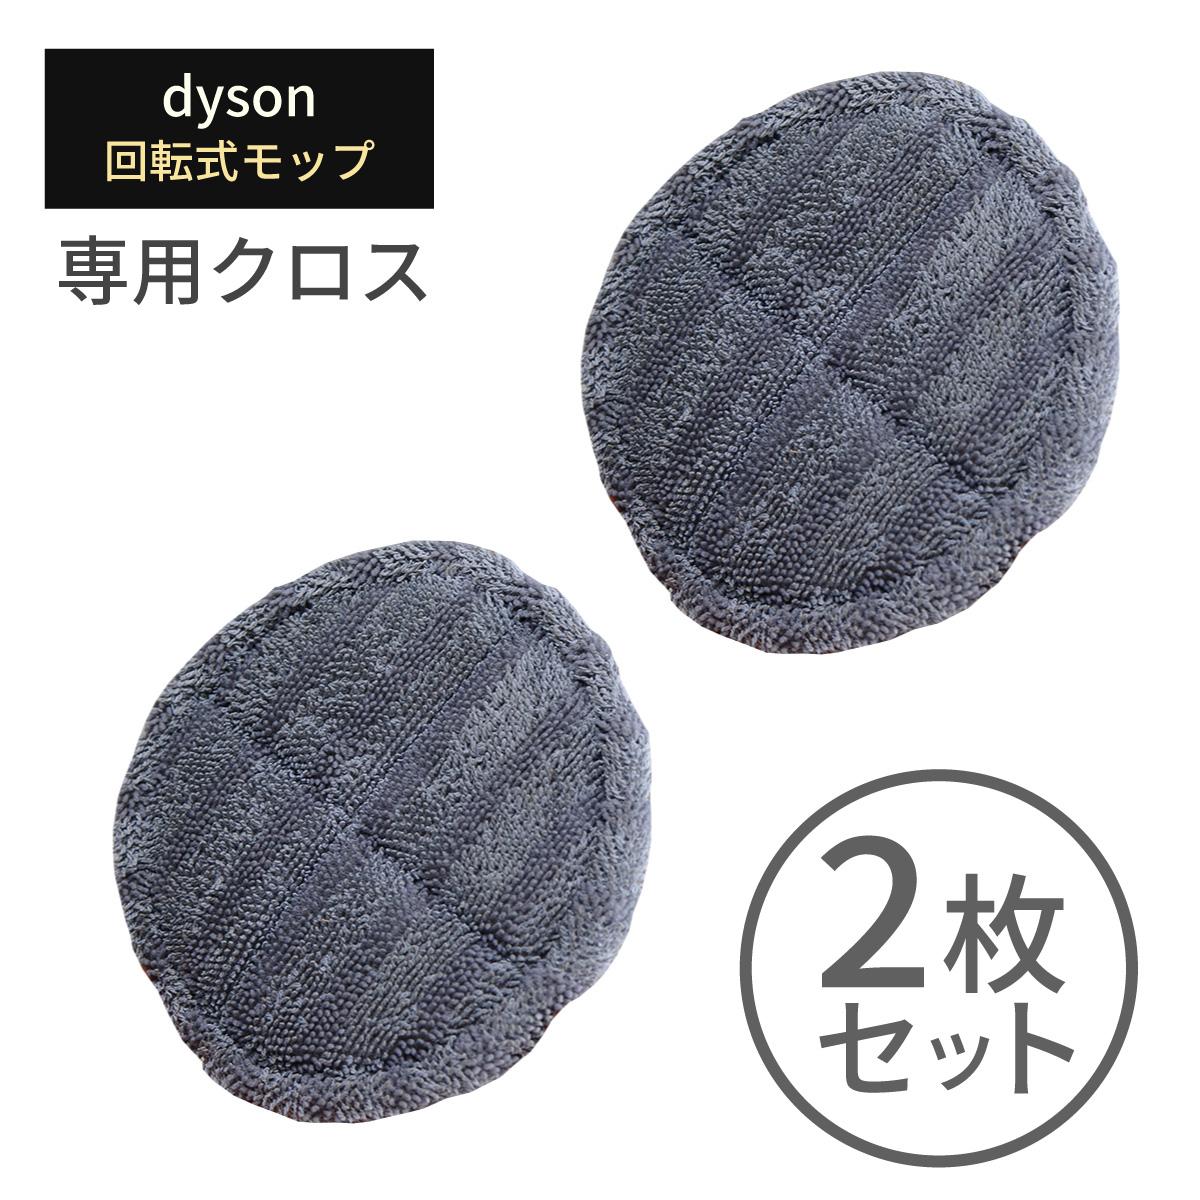 wakiyaku